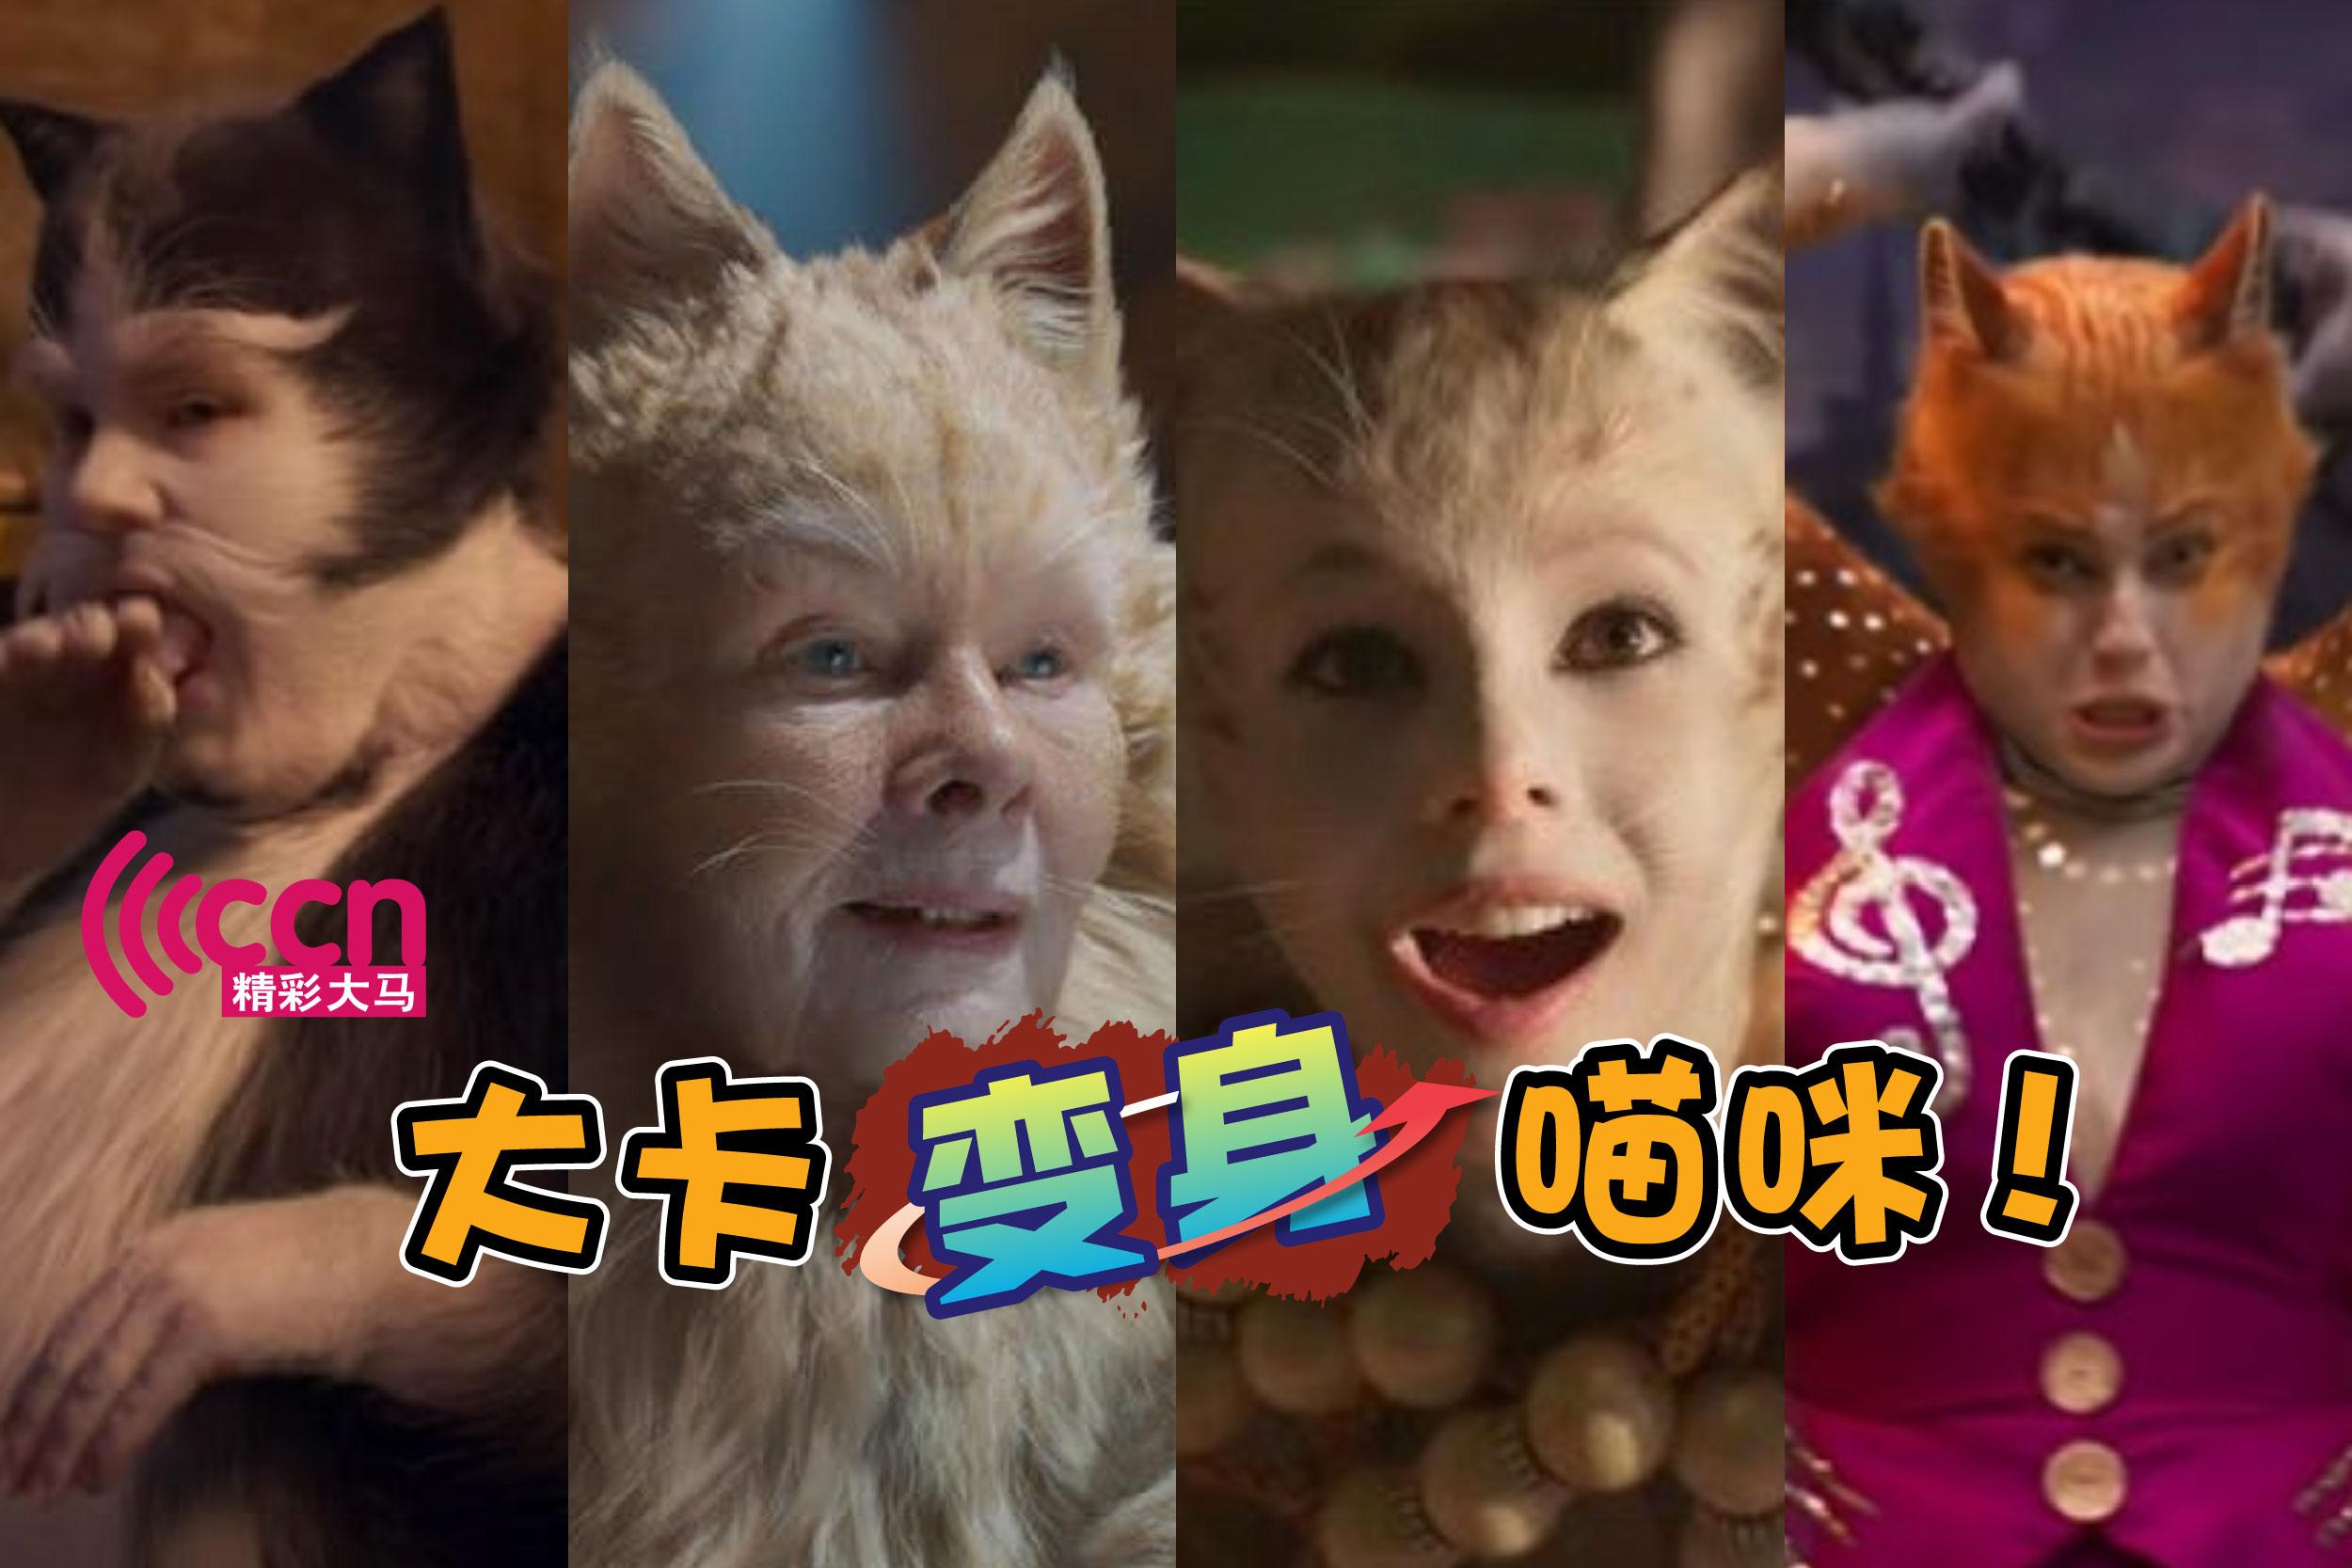 演出《Cats》的演员,你又认出了多少位呢?-精彩大马制图-